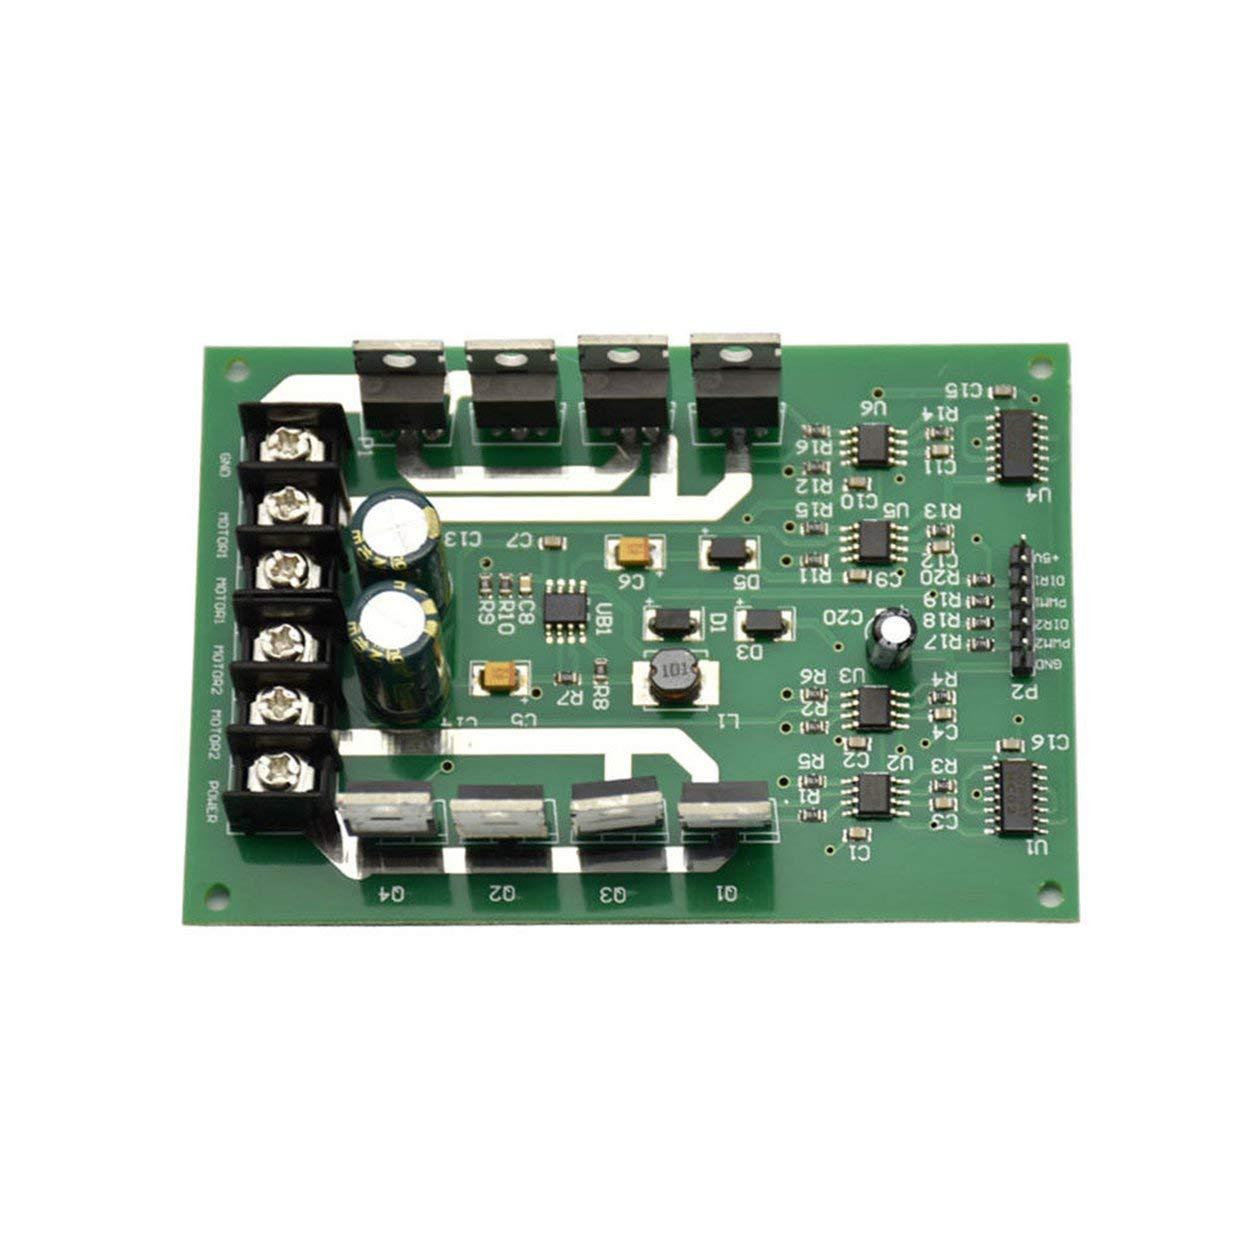 Verde 10A Placa del m/ódulo del controlador del motor H-Bridge DC MOSFET IRF3205 3-36V 10A Peak 30A